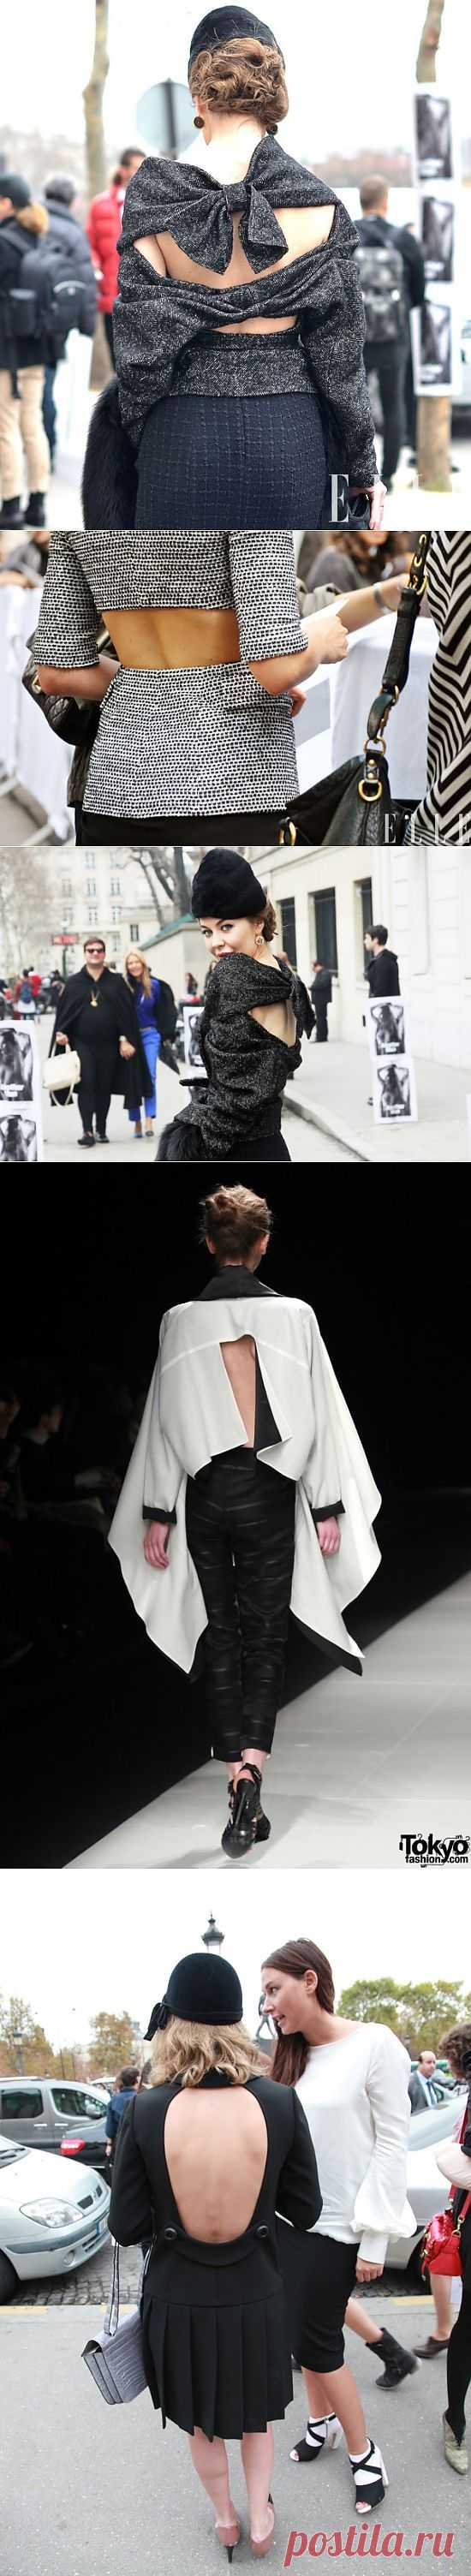 В спинку не дует? / Декор спины / Модный сайт о стильной переделке одежды и интерьера